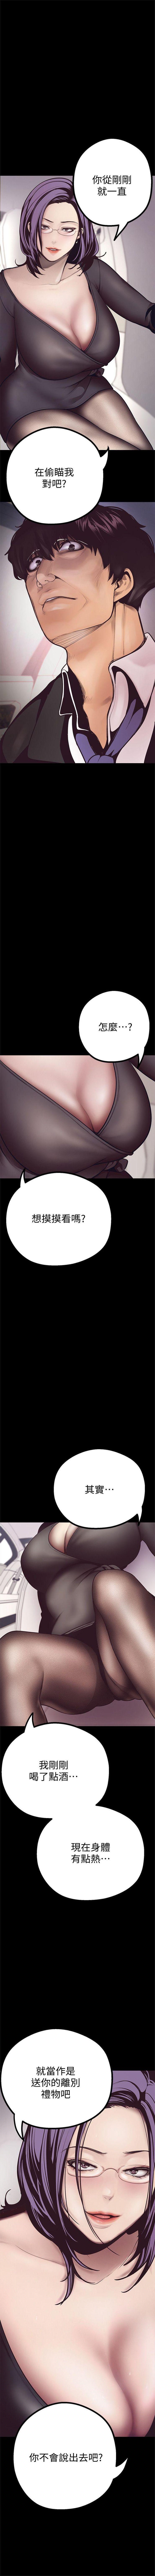 (週1)美麗新世界 1-76 中文翻譯 (更新中) 59